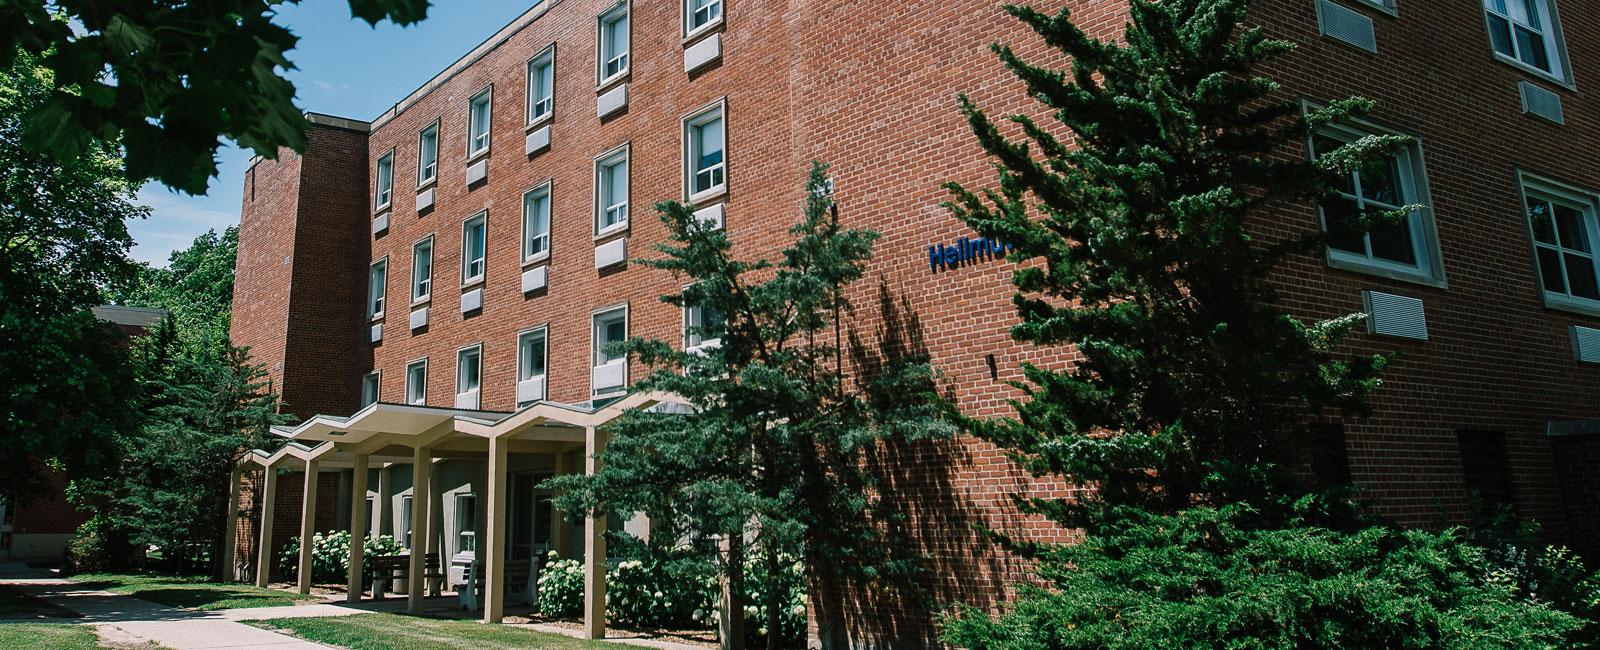 Hellmuth Hall